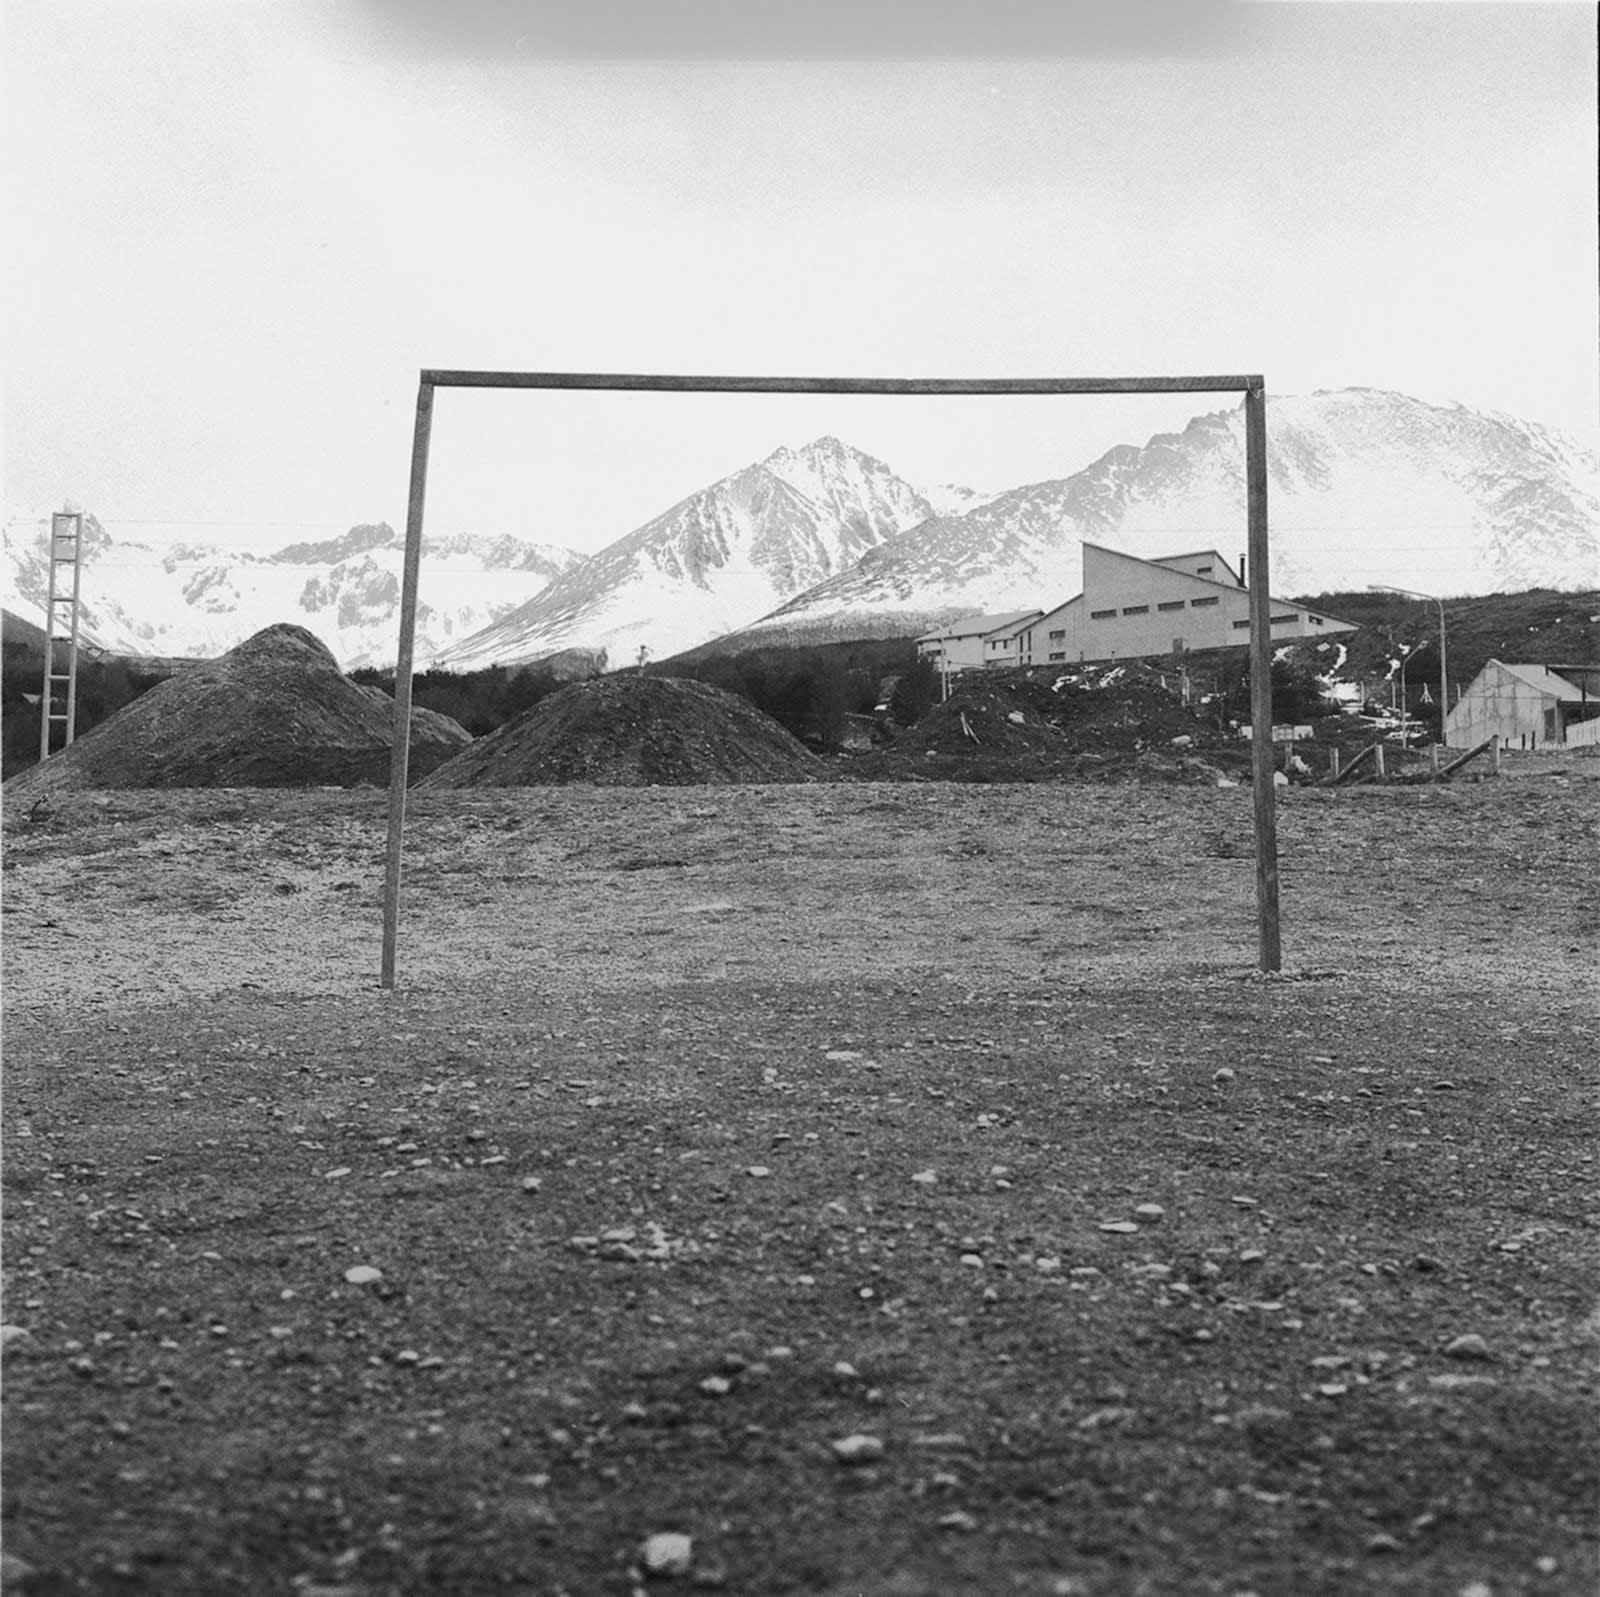 Pierre Schwartz, Ushuaïa #1, Argentine, 2001